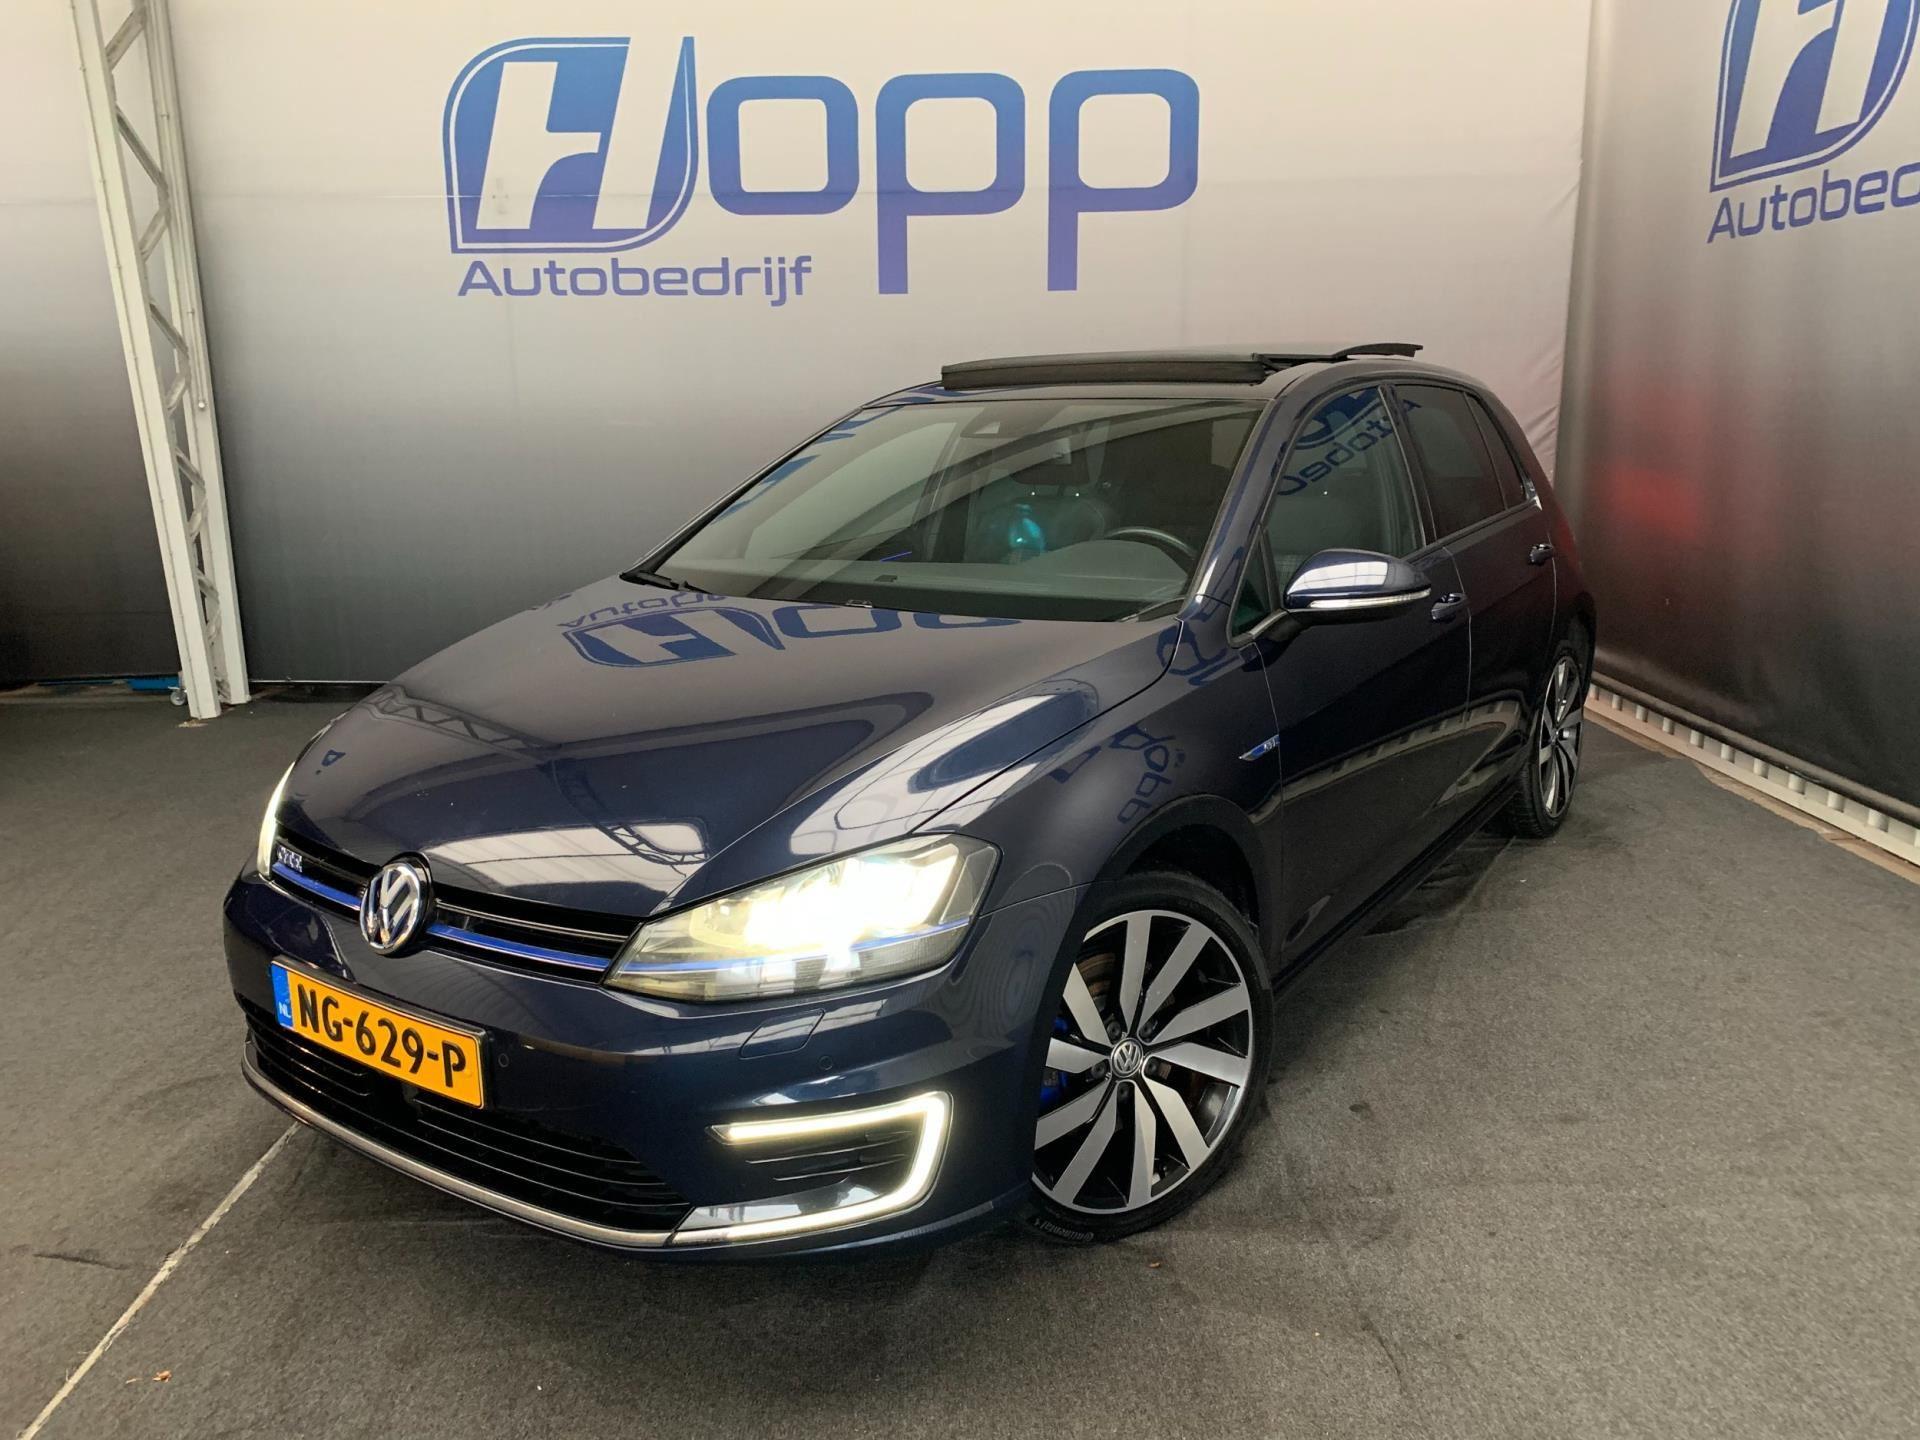 Volkswagen Golf occasion - Autobedrijf HOPP